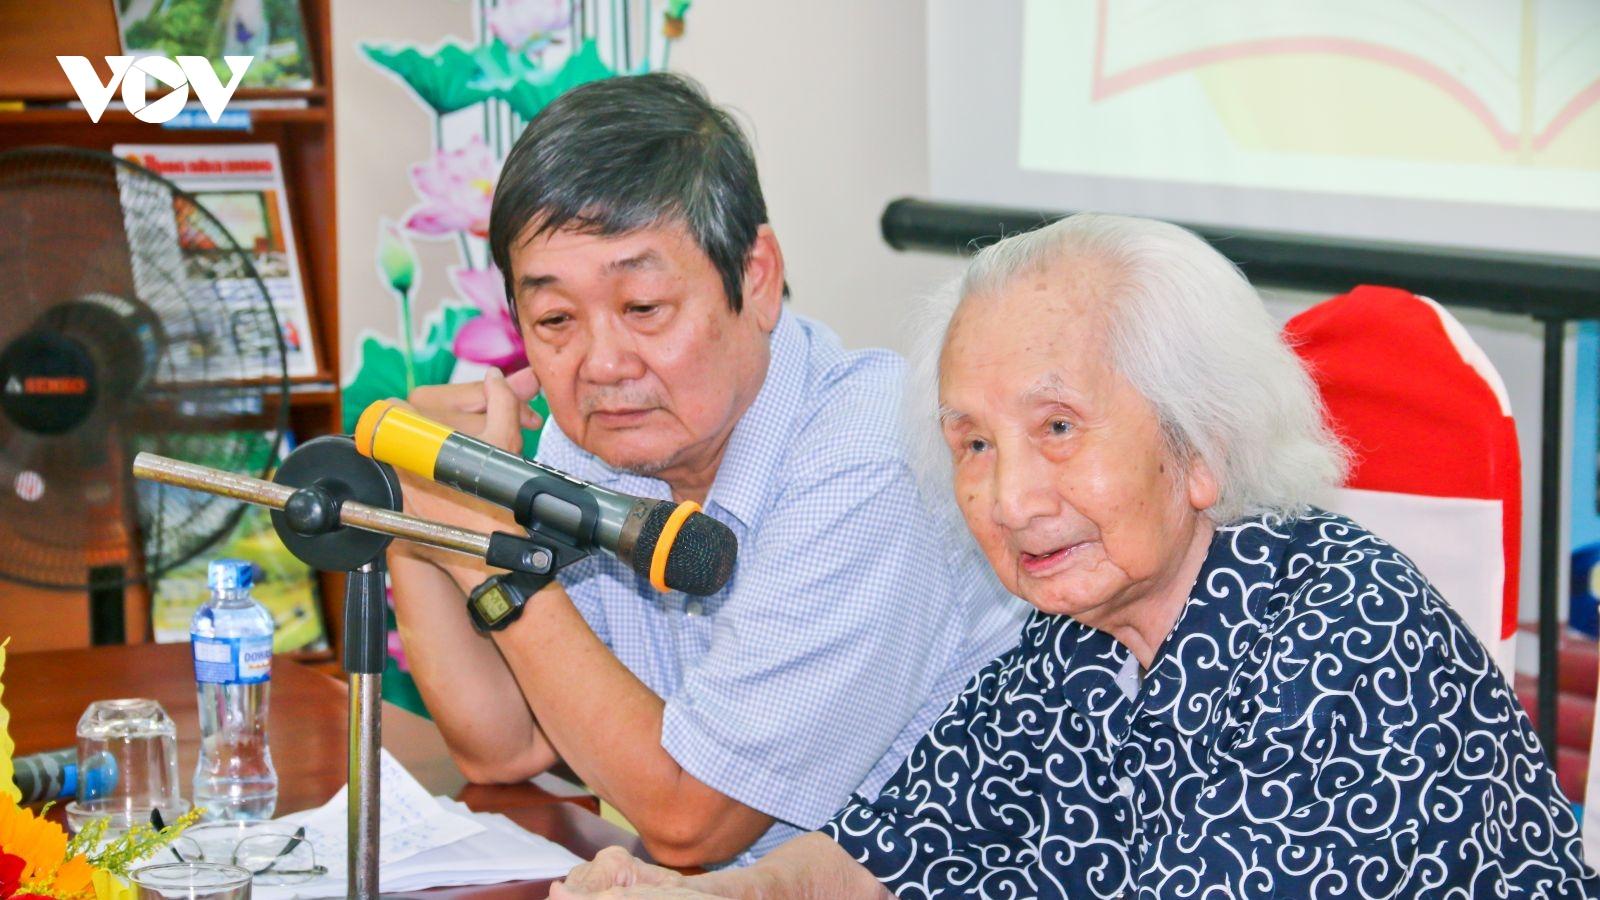 Tưởng nhớ người thầy đáng kính – Nhạc sư Nguyễn Vĩnh Bảo